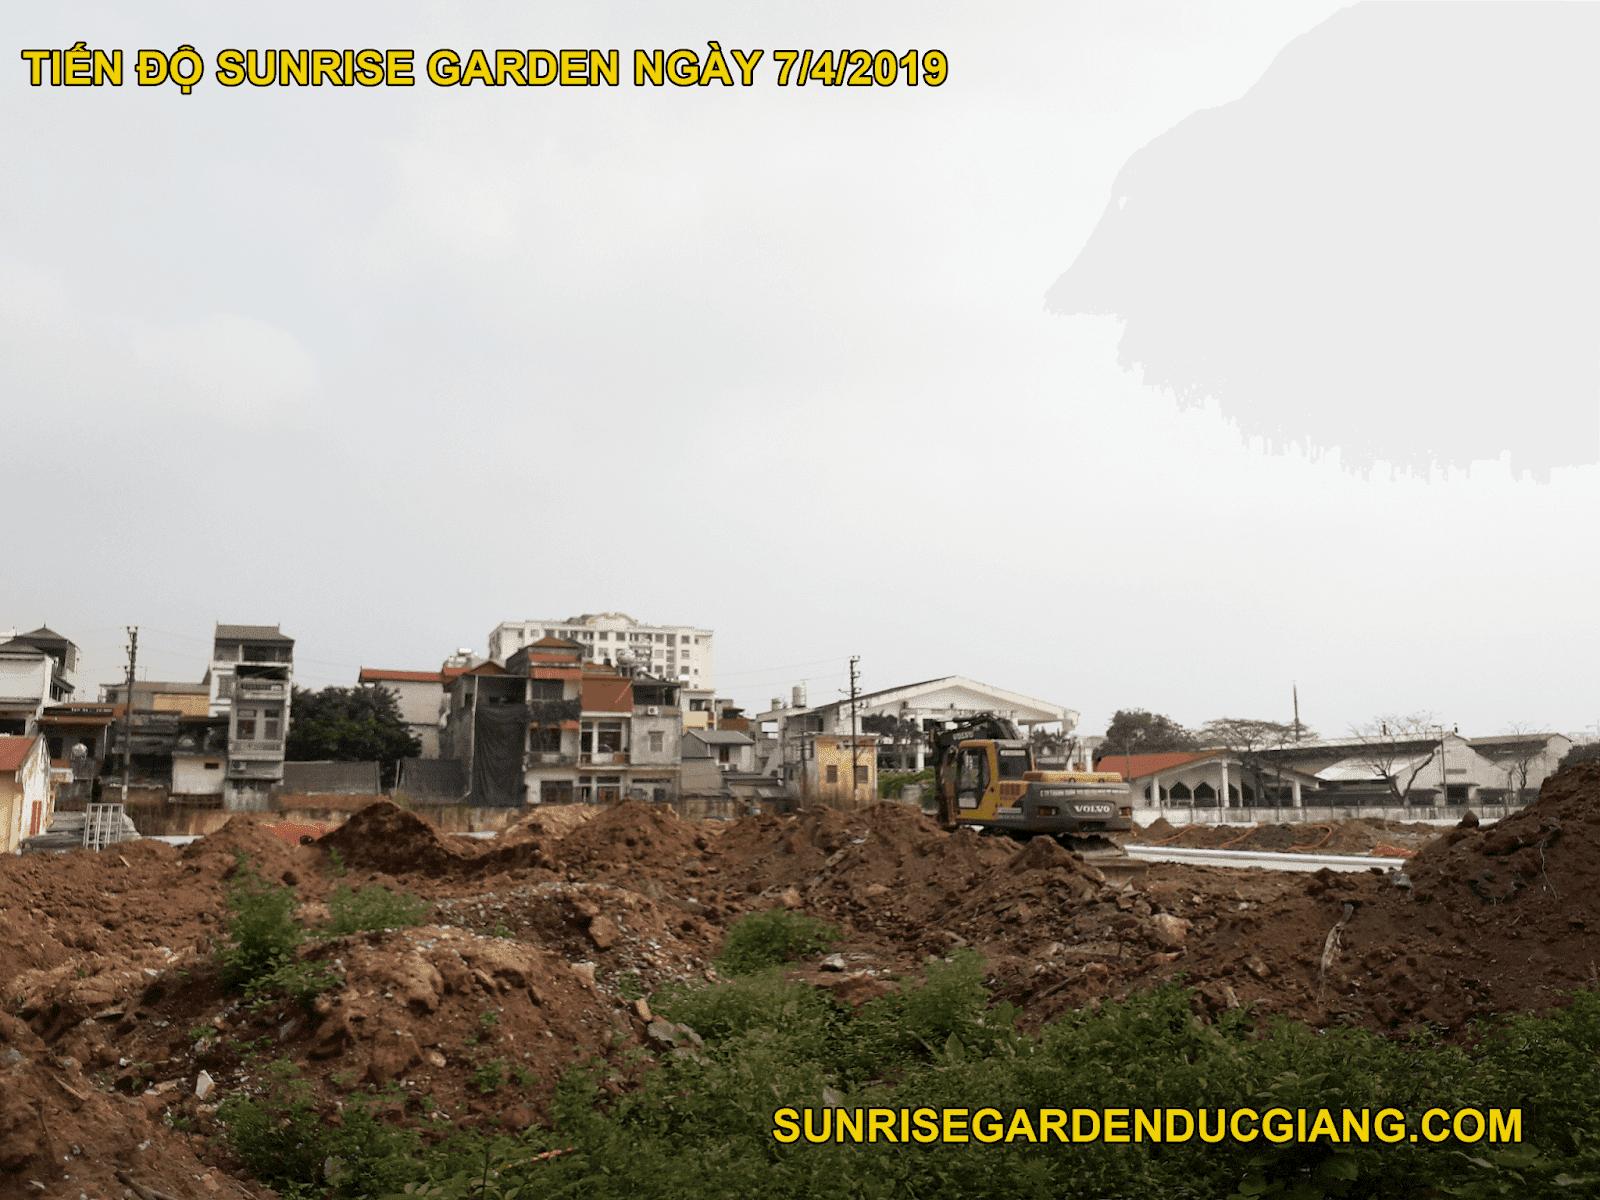 Tiến độ Sunrise Garden ngày 7/4/2019.